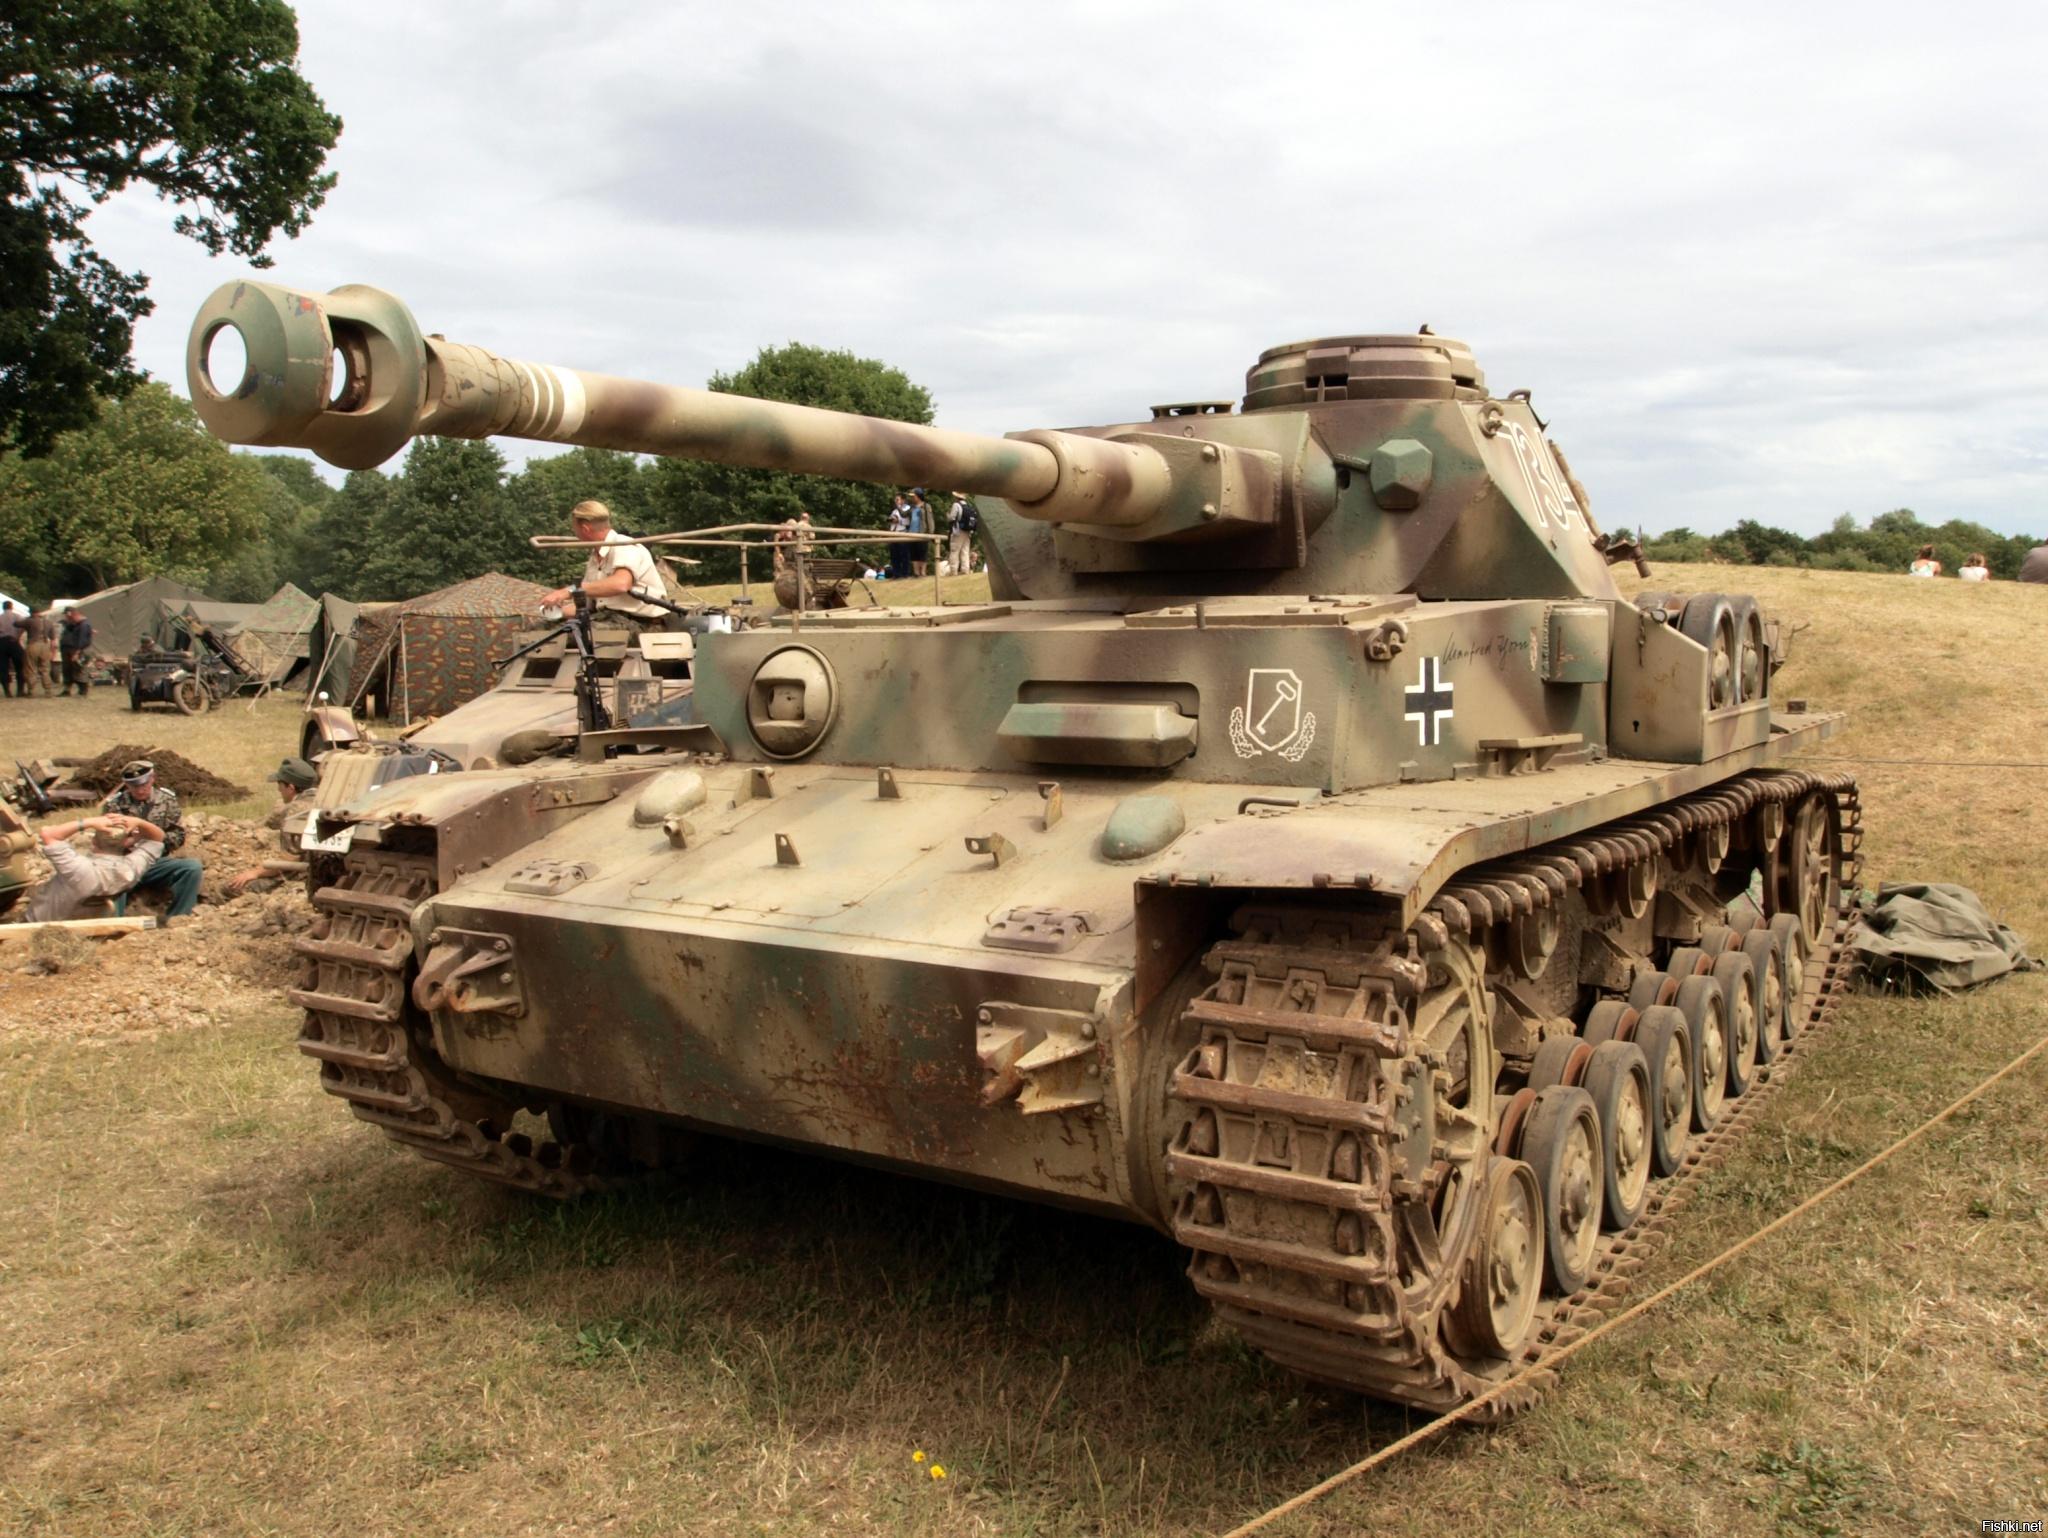 Лучшие картинки немецких танков построена территории